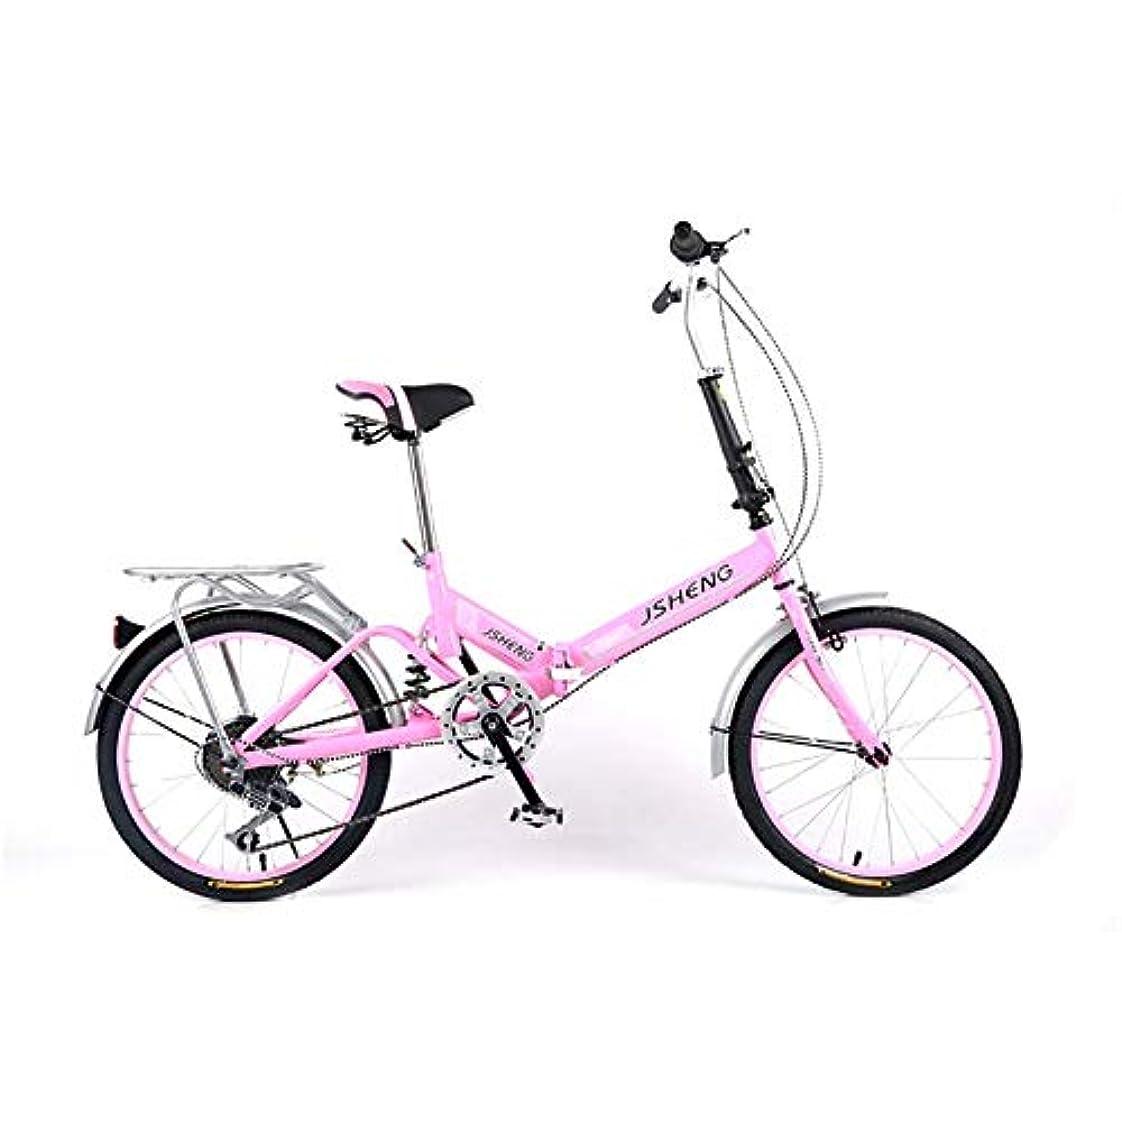 政治的テーブルを設定する民主党自転車の折りたたみ自転車、都会の乗馬や通勤に最適、スチールフレーム、フロントフェンダーとリアフェンダー、20インチホイールメンズウィメンズバイク